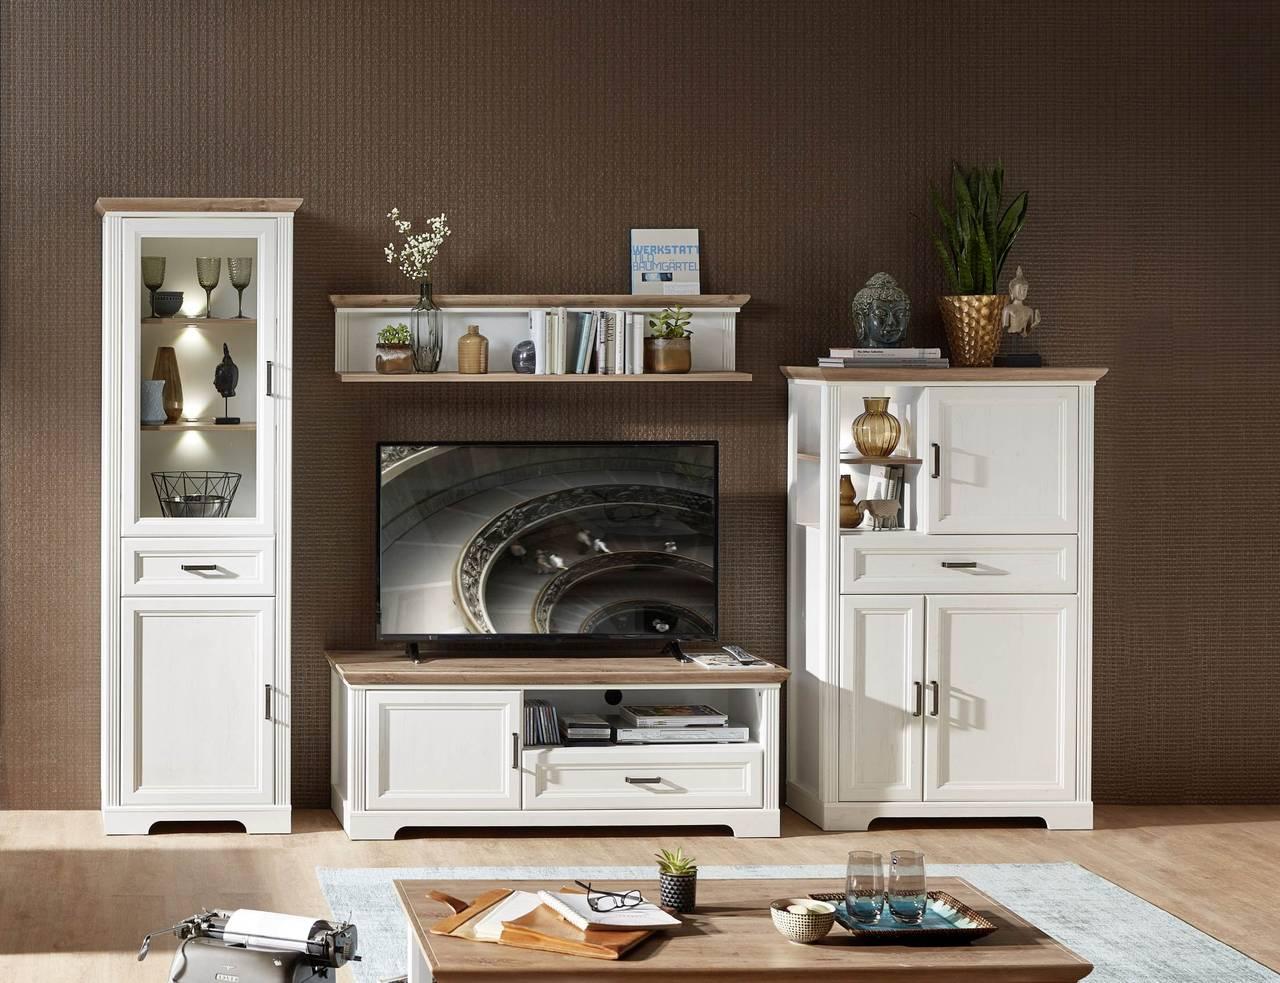 Wohnwand JASMIN UH80 Pinie weiß Nachbildung 4-teilig im Landhausstil